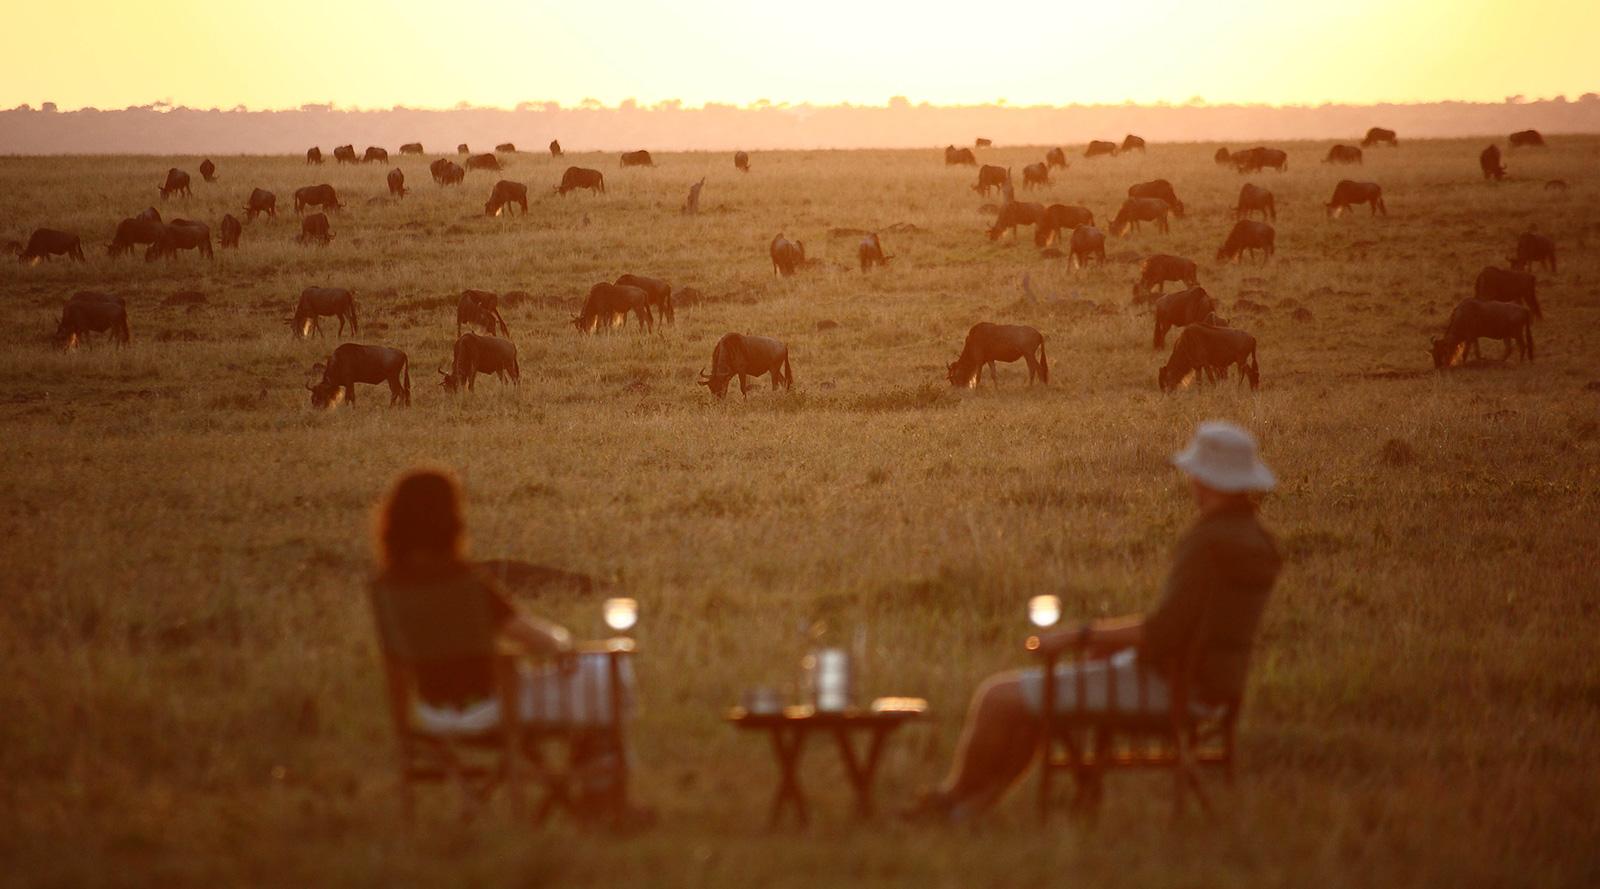 © E.P. Camp | E.P. Camp, Kenya